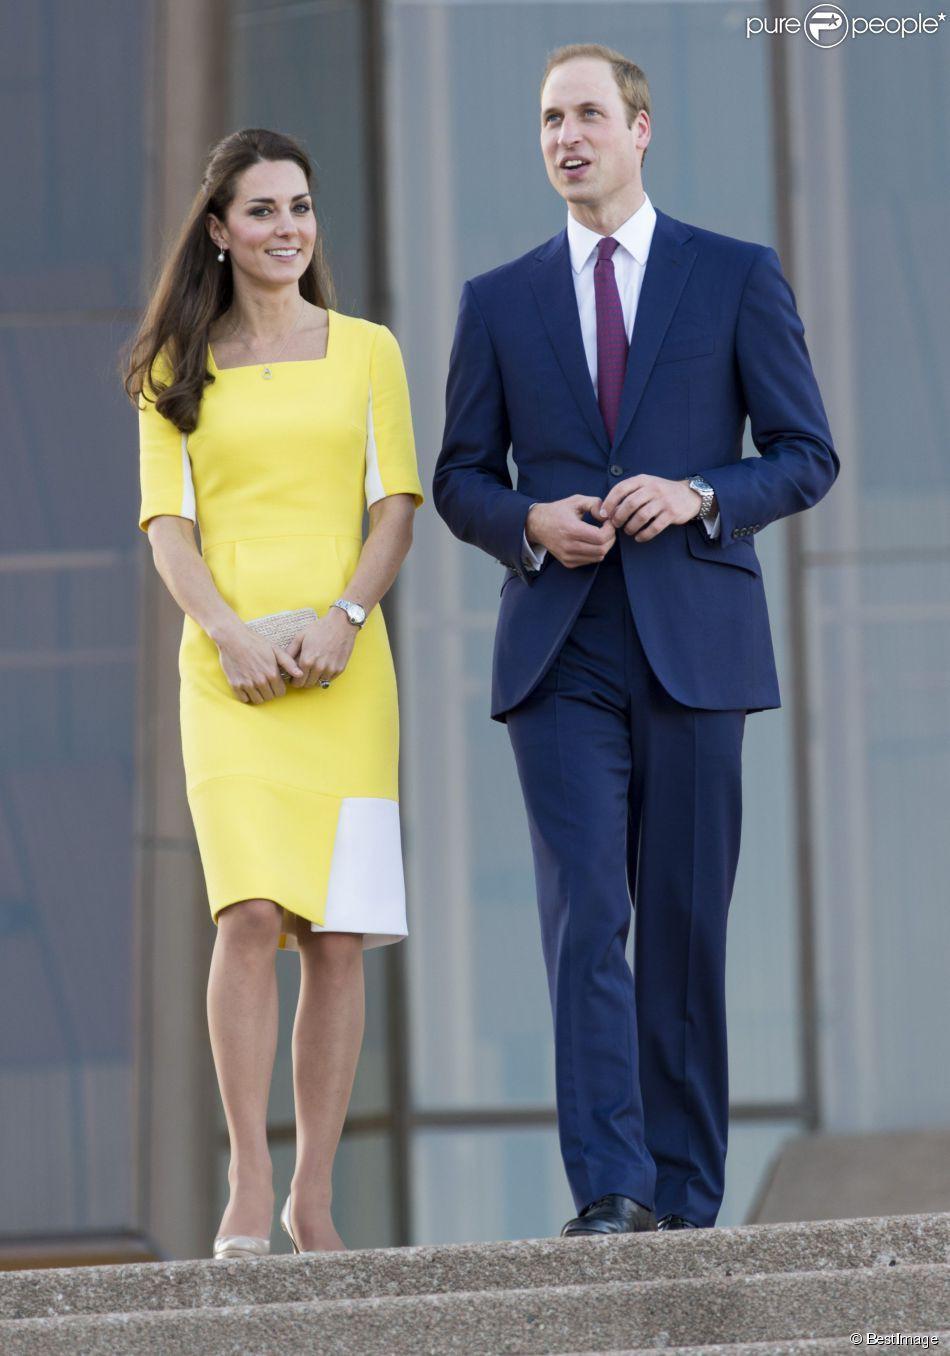 Mặc đẹp là thế, ai ngờ mẫu váy vàng rực rỡ này của Công nương Kate lại từng bị Hoàng tử William ví như 1 quả chuối - Ảnh 3.